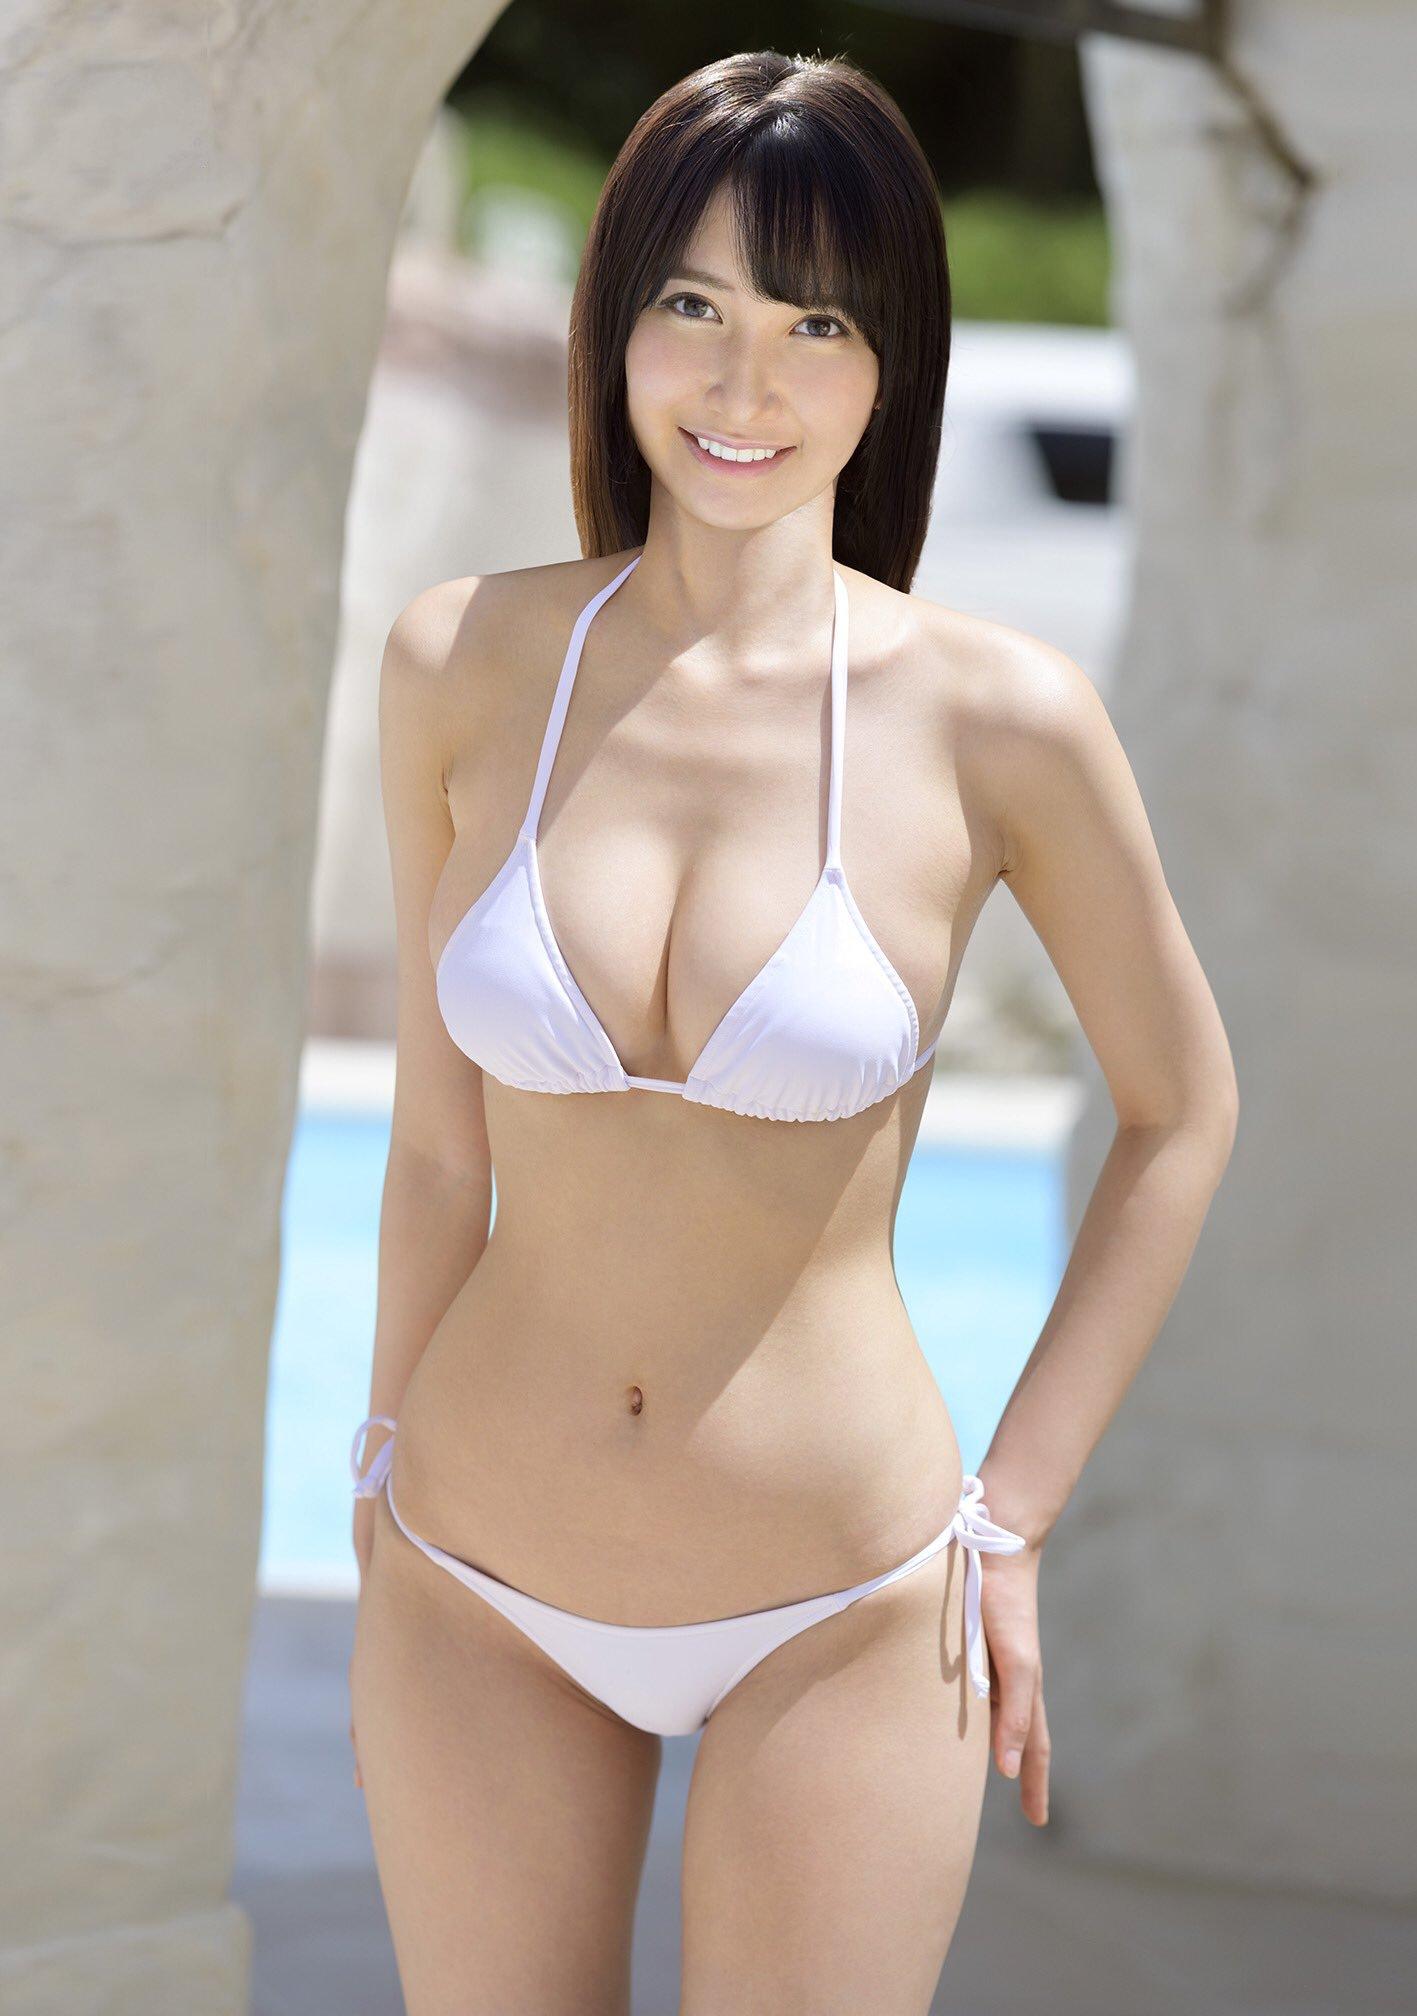 image http://scanlover.com/assets/images/11110-vo1luYg6ggwnFk6f.jpeg